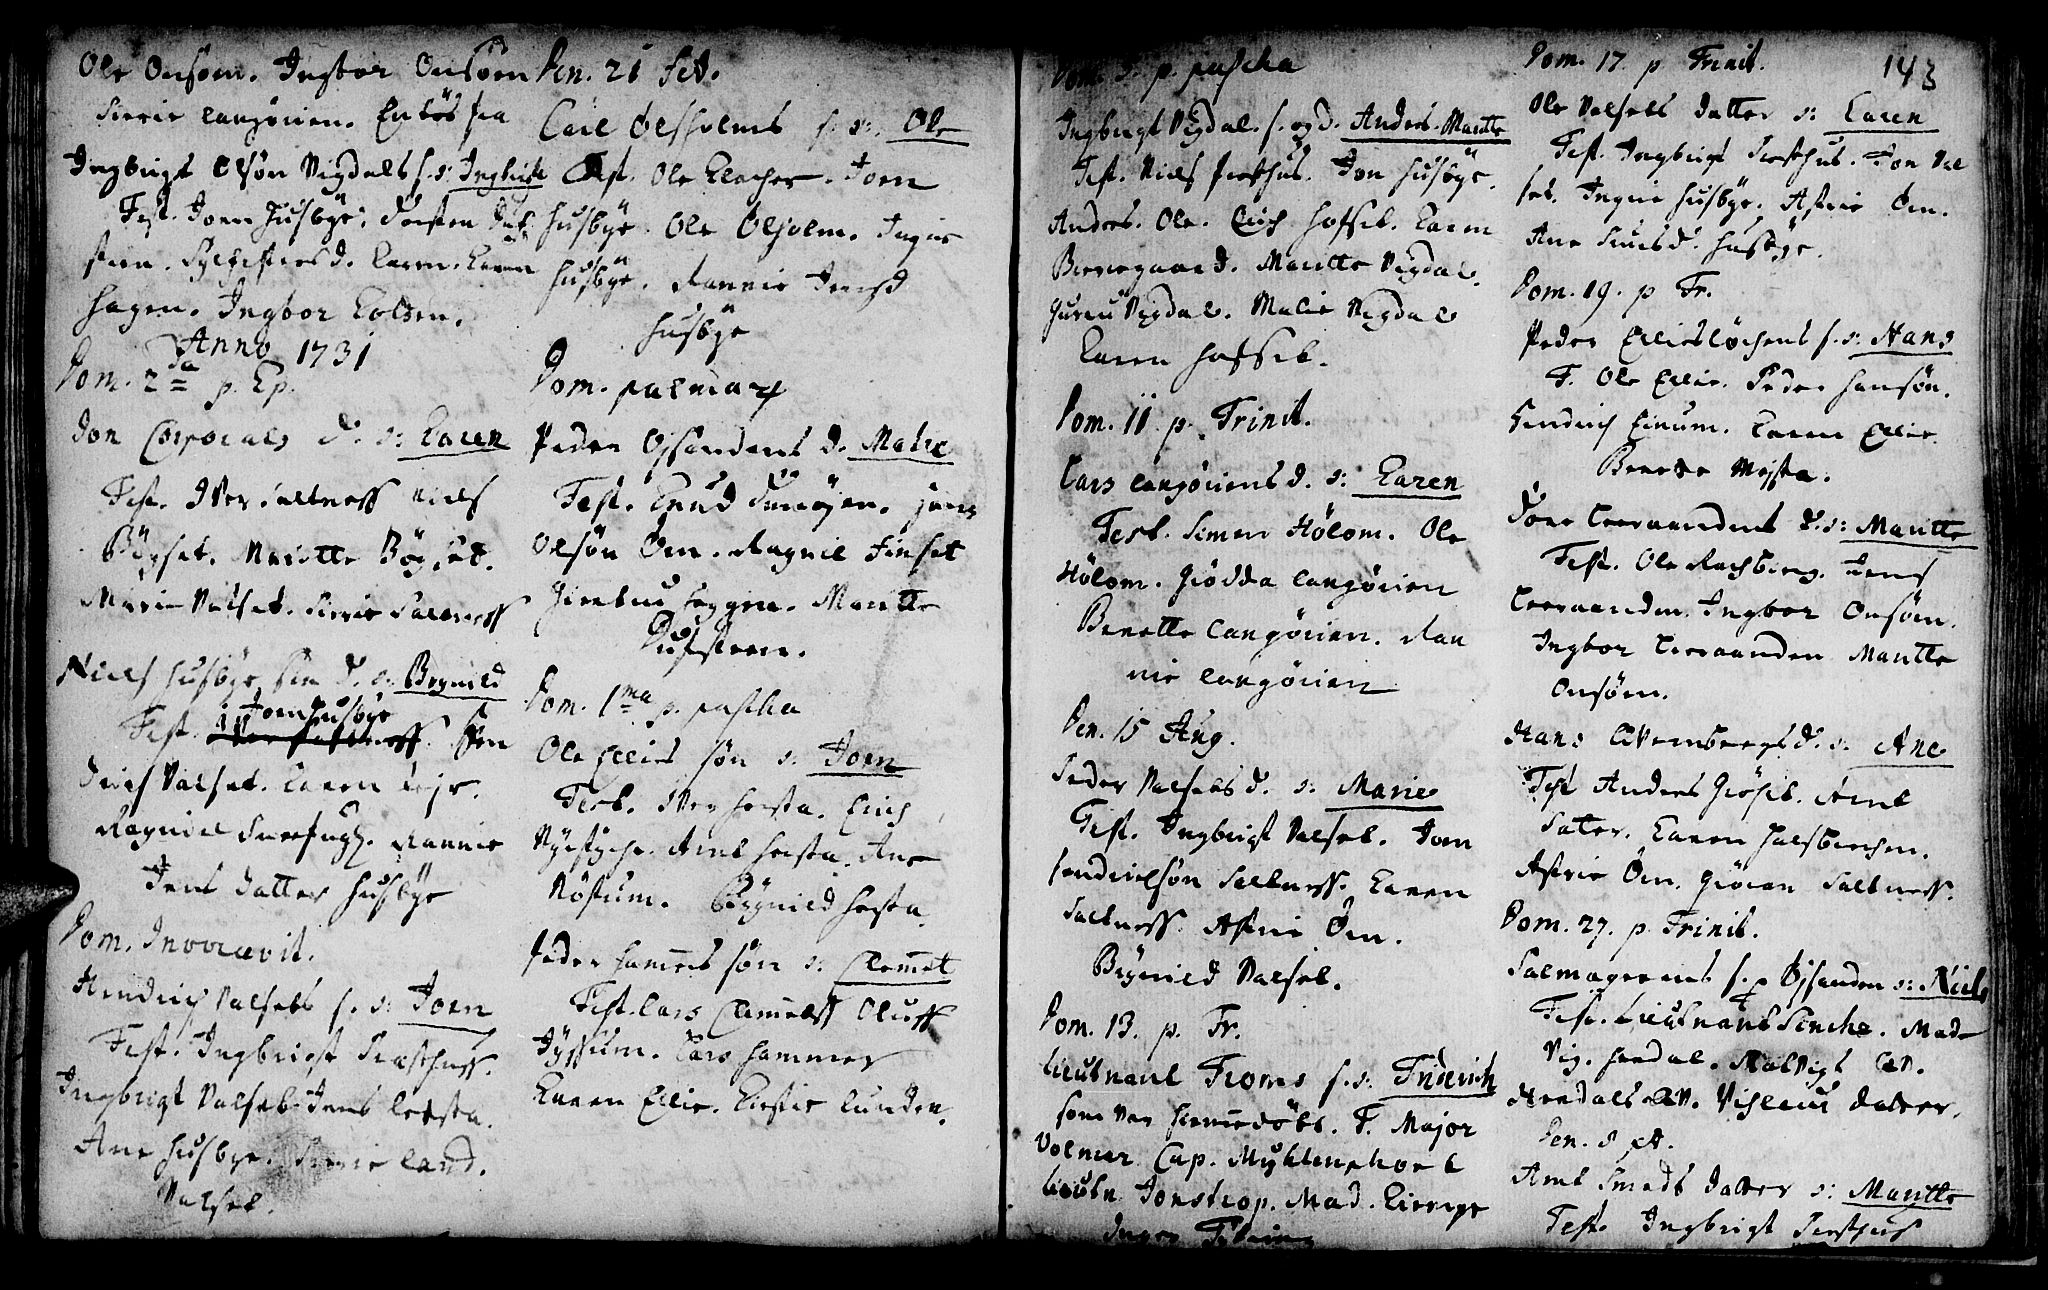 SAT, Ministerialprotokoller, klokkerbøker og fødselsregistre - Sør-Trøndelag, 666/L0783: Ministerialbok nr. 666A01, 1702-1753, s. 143